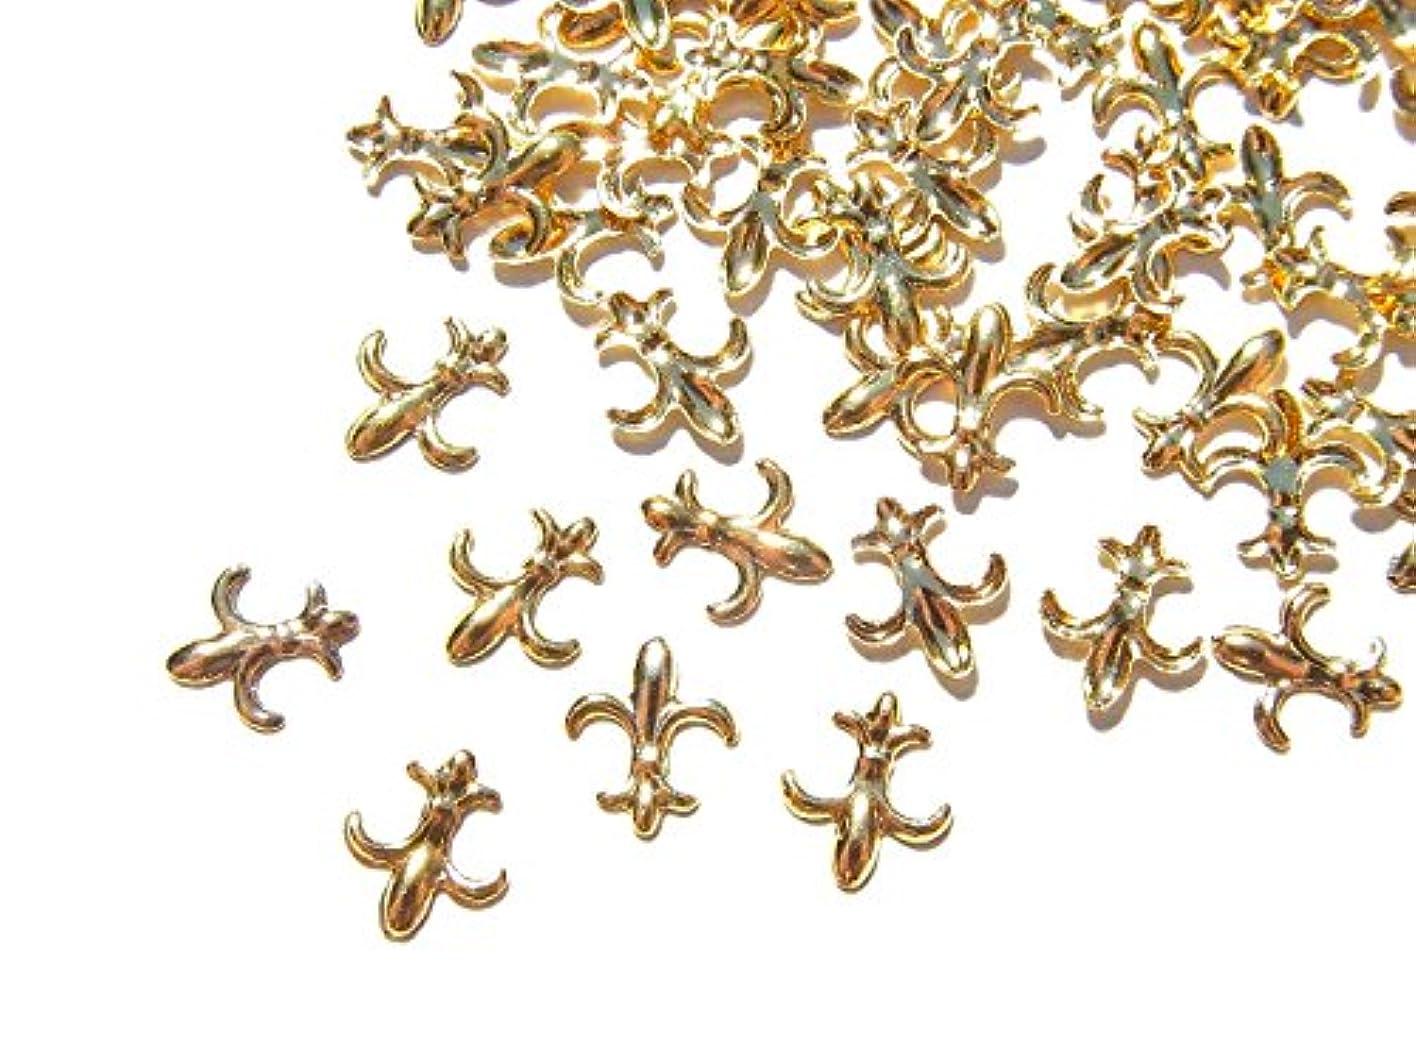 たっぷりリーン柔和【jewel】ゴールド メタルパーツ フレア 10個入り 6mm×5mm 手芸 材料 レジン ネイルアート パーツ 素材